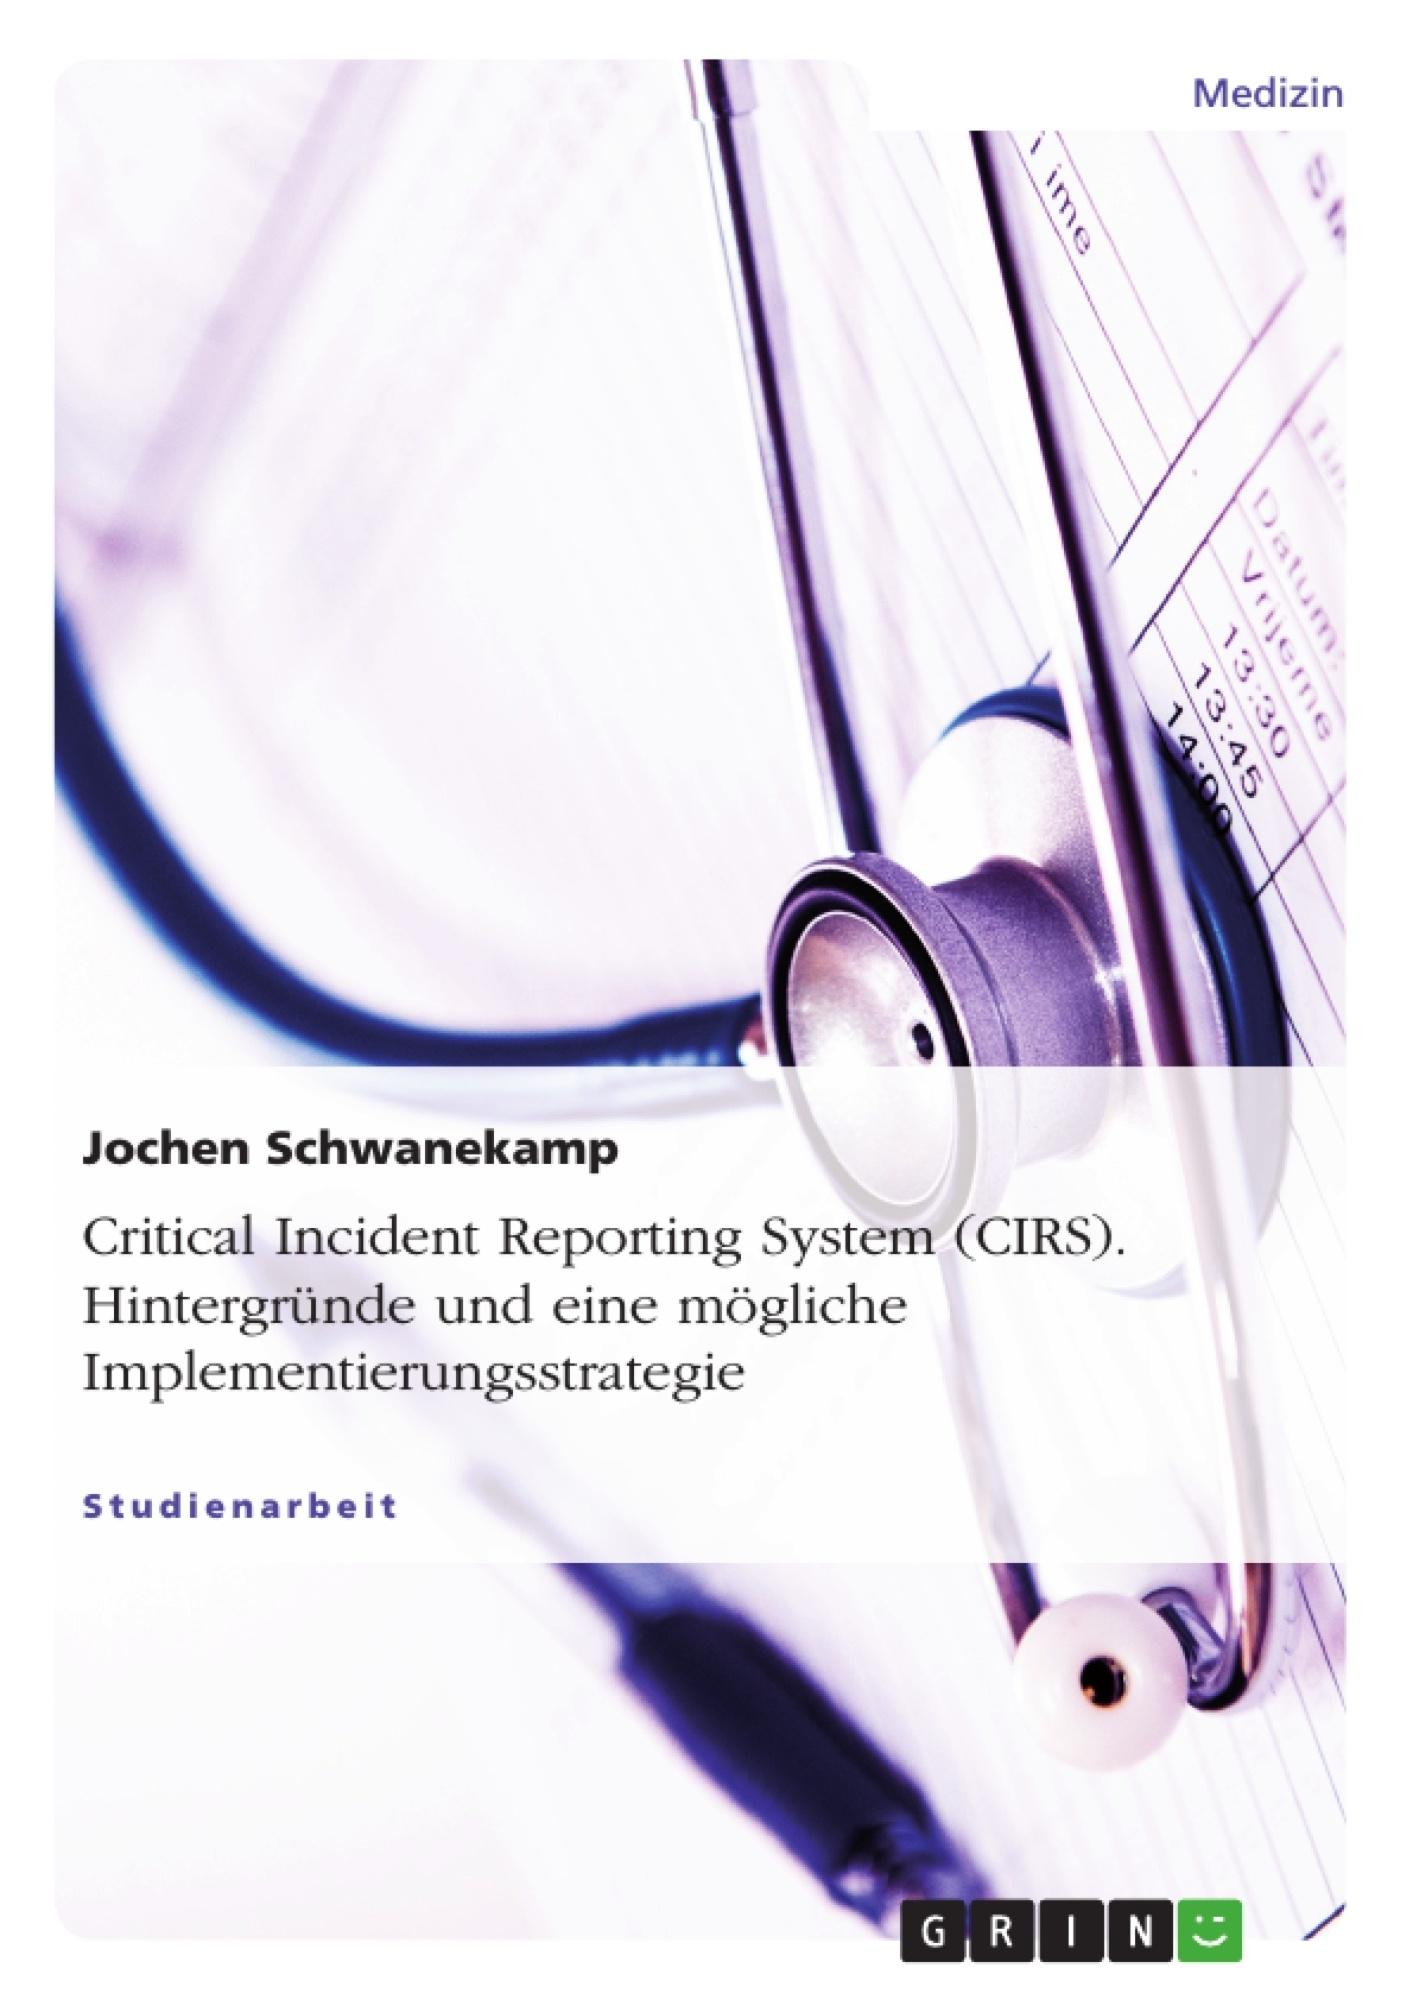 Titel: Critical Incident Reporting System (CIRS). Hintergründe und eine mögliche Implementierungsstrategie